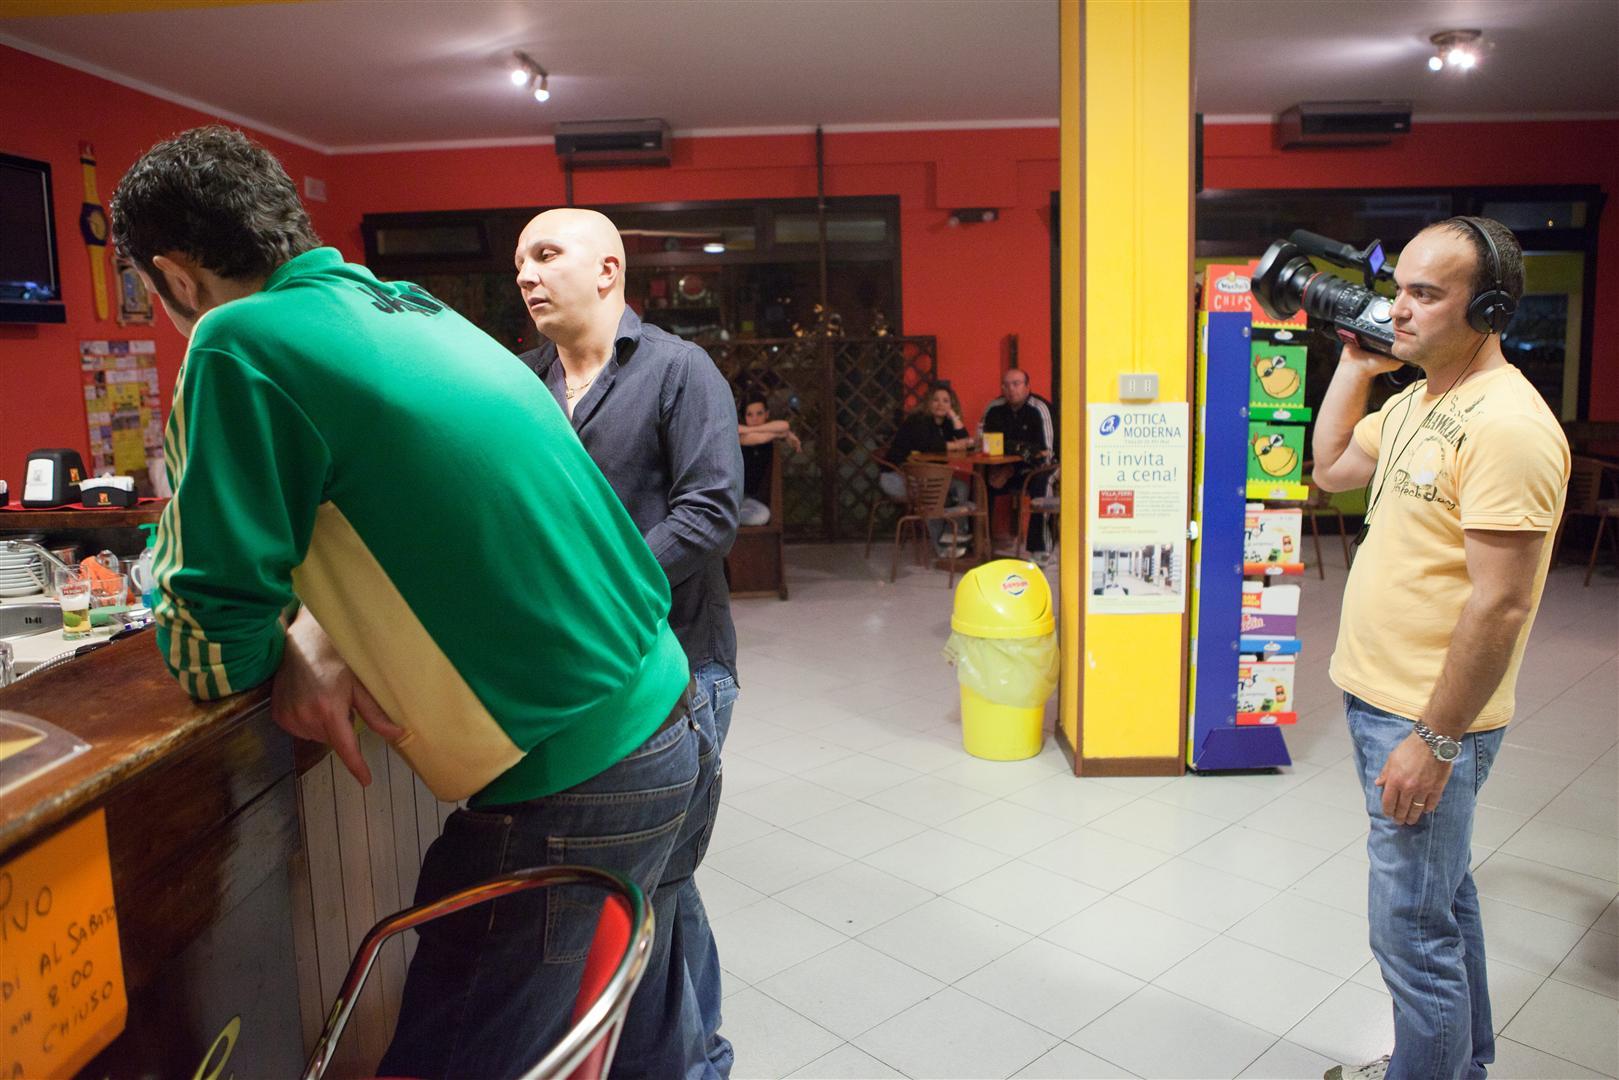 Polesine_Bastardo_Bar_20